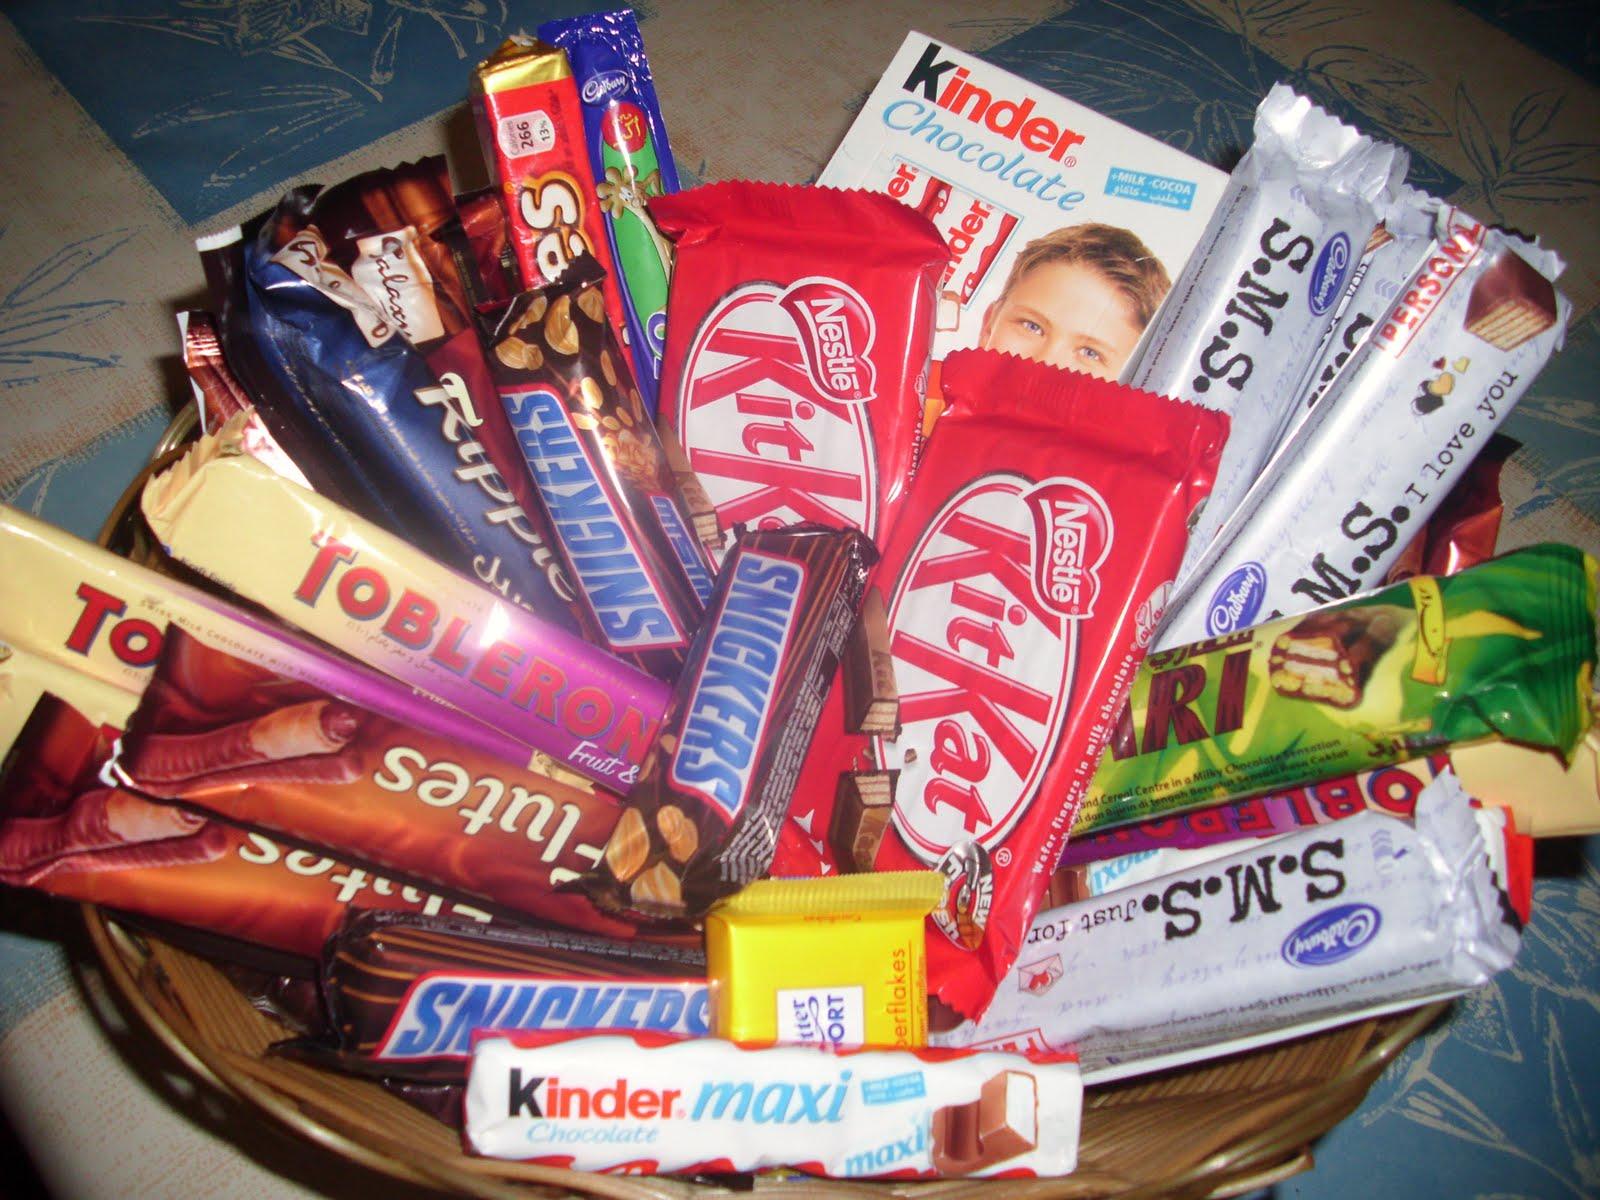 بالصور افضل ماركات الشوكولاته فى العالم 20160628 1234